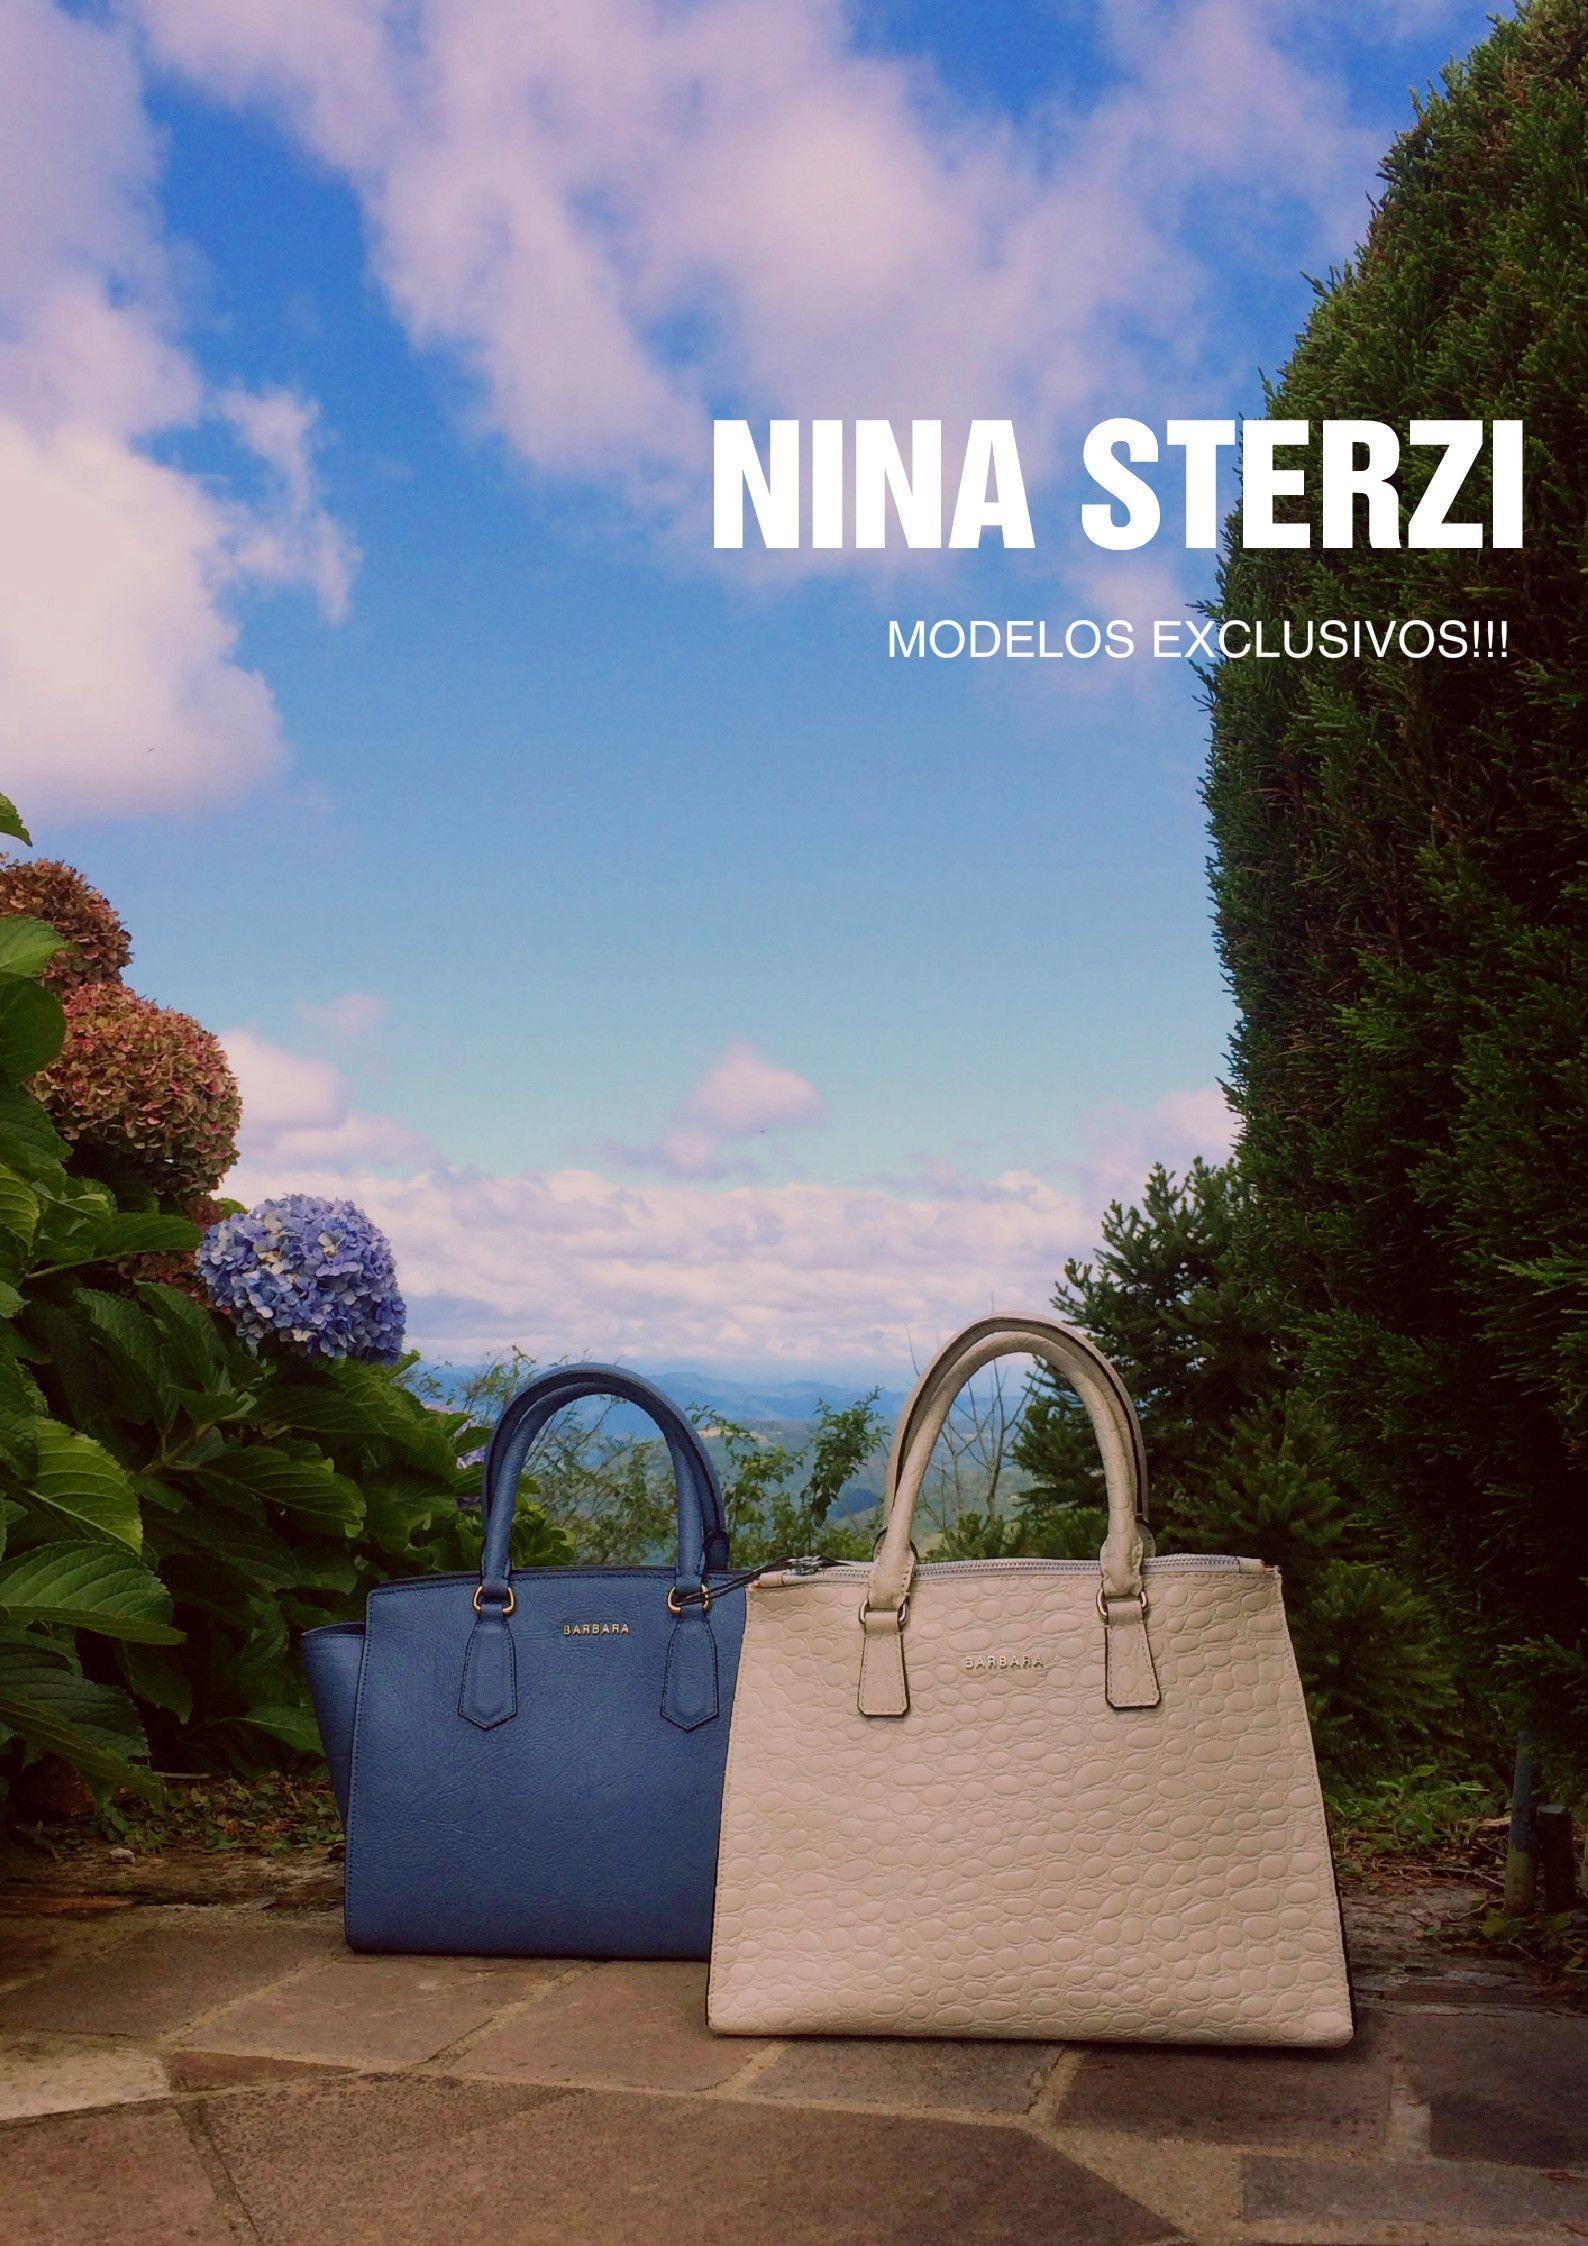 Modelos na loja Nina Sterzi